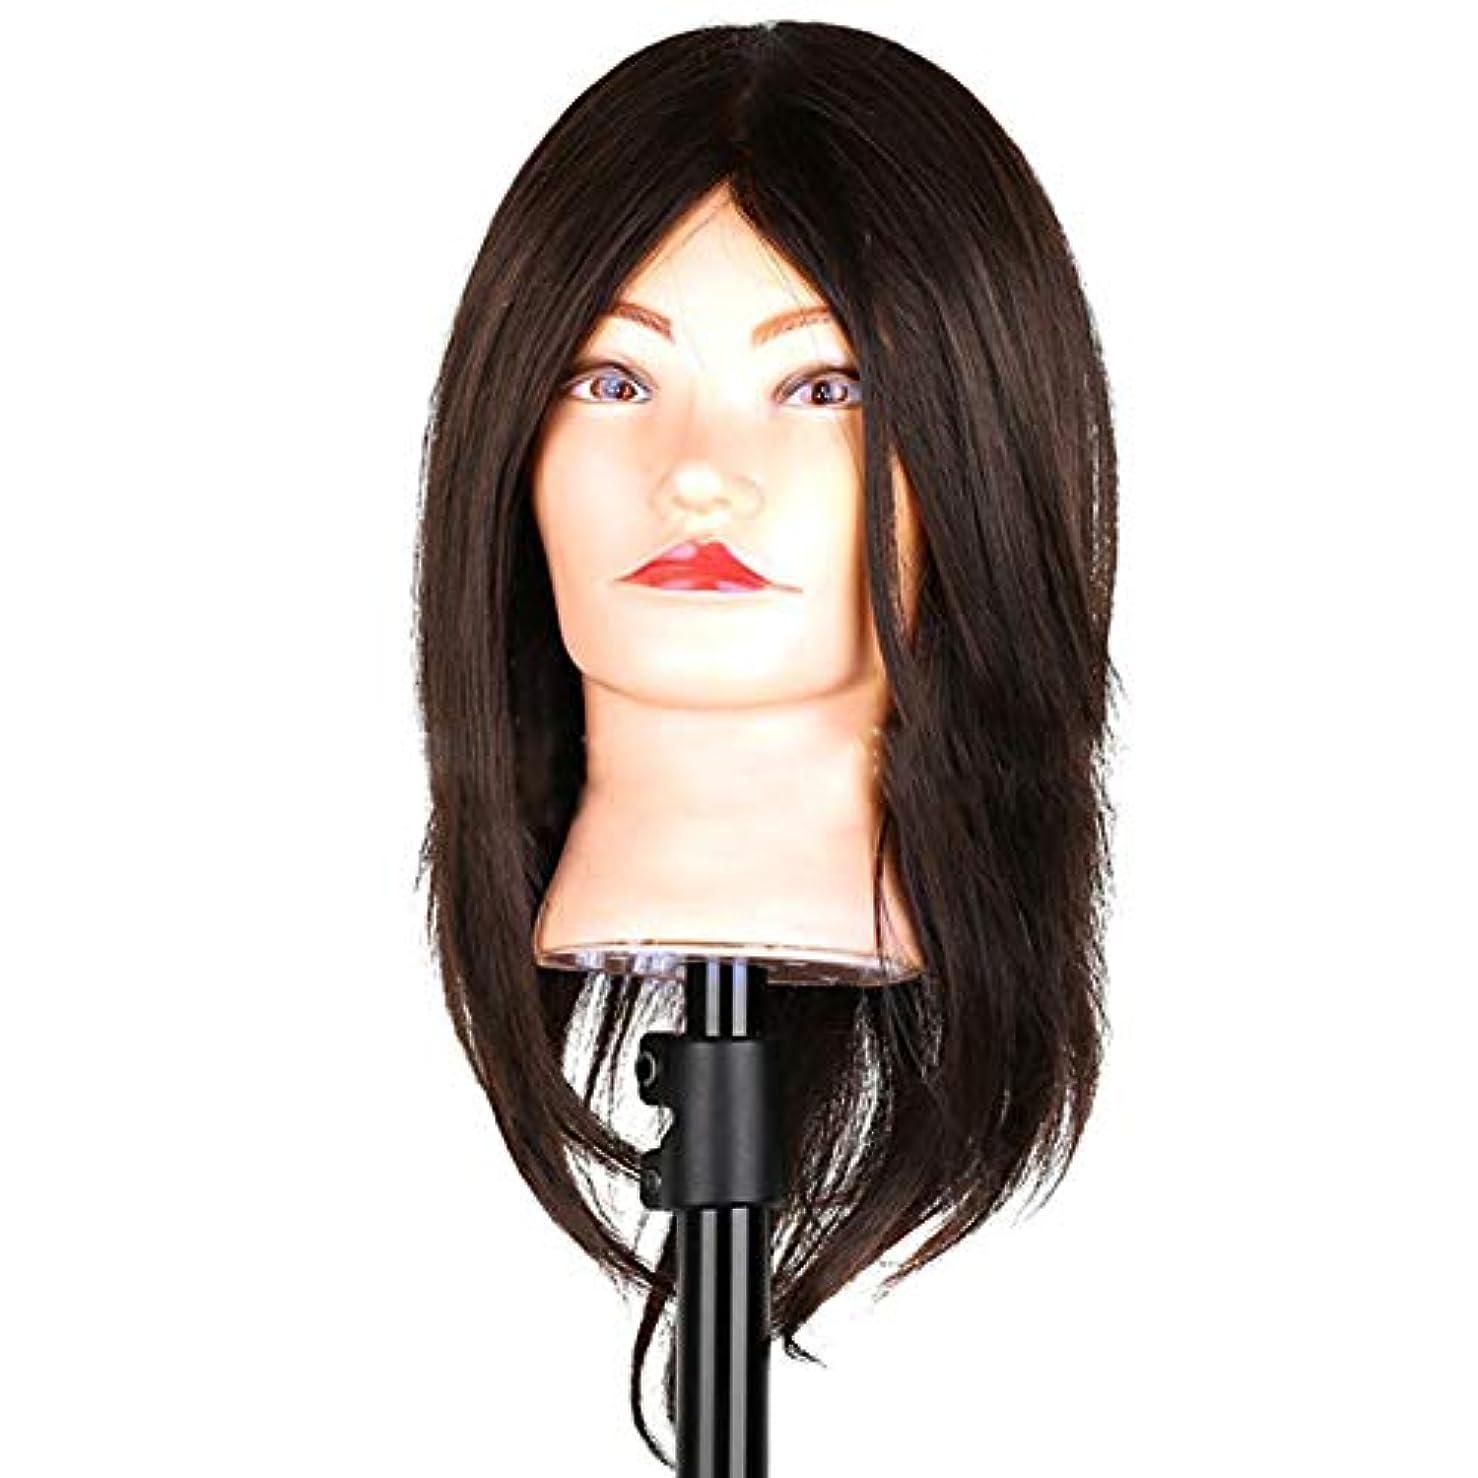 十年満足できる決してヘアマネキンヘッド練習ディスク髪編組ヘッドモデル理髪店学校教育かつらヘッドバンドブラケット